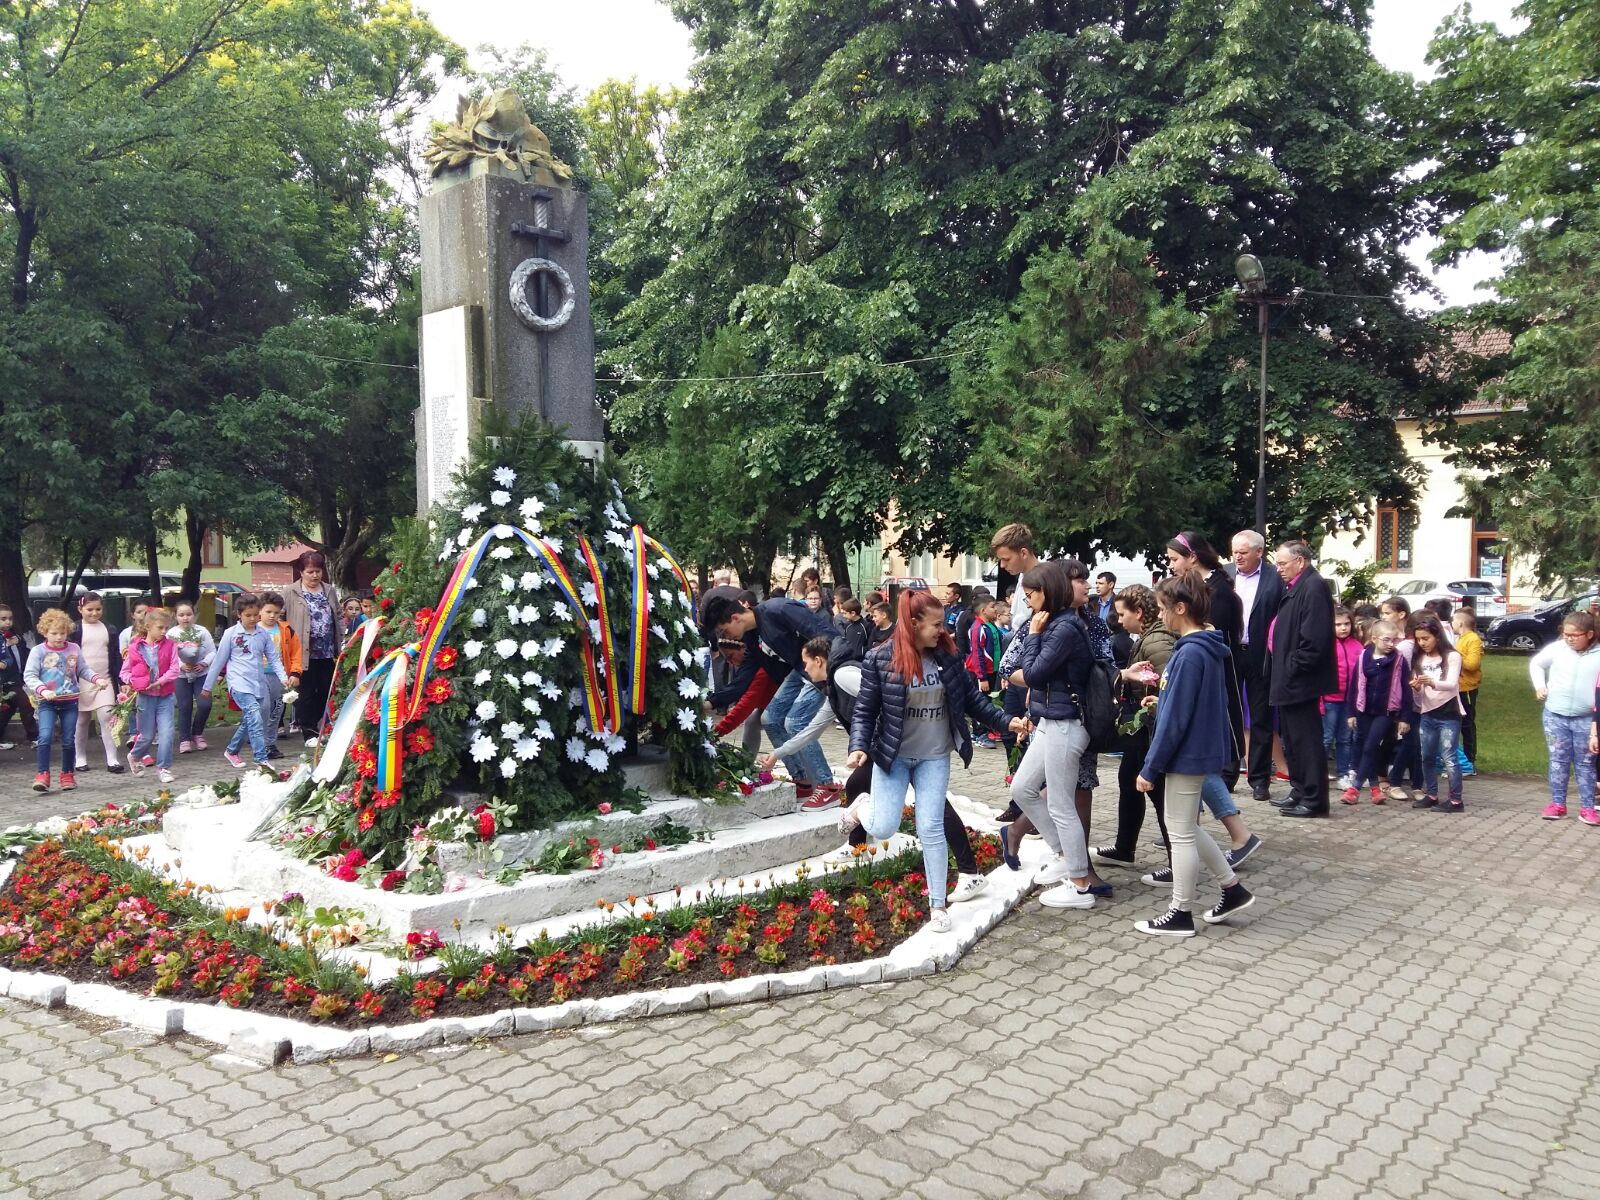 Eroii neamului românesc comemoraţi la Lipova cu ocazia Sfintei Sărbători a Înălţării Domnului Isus Hristos